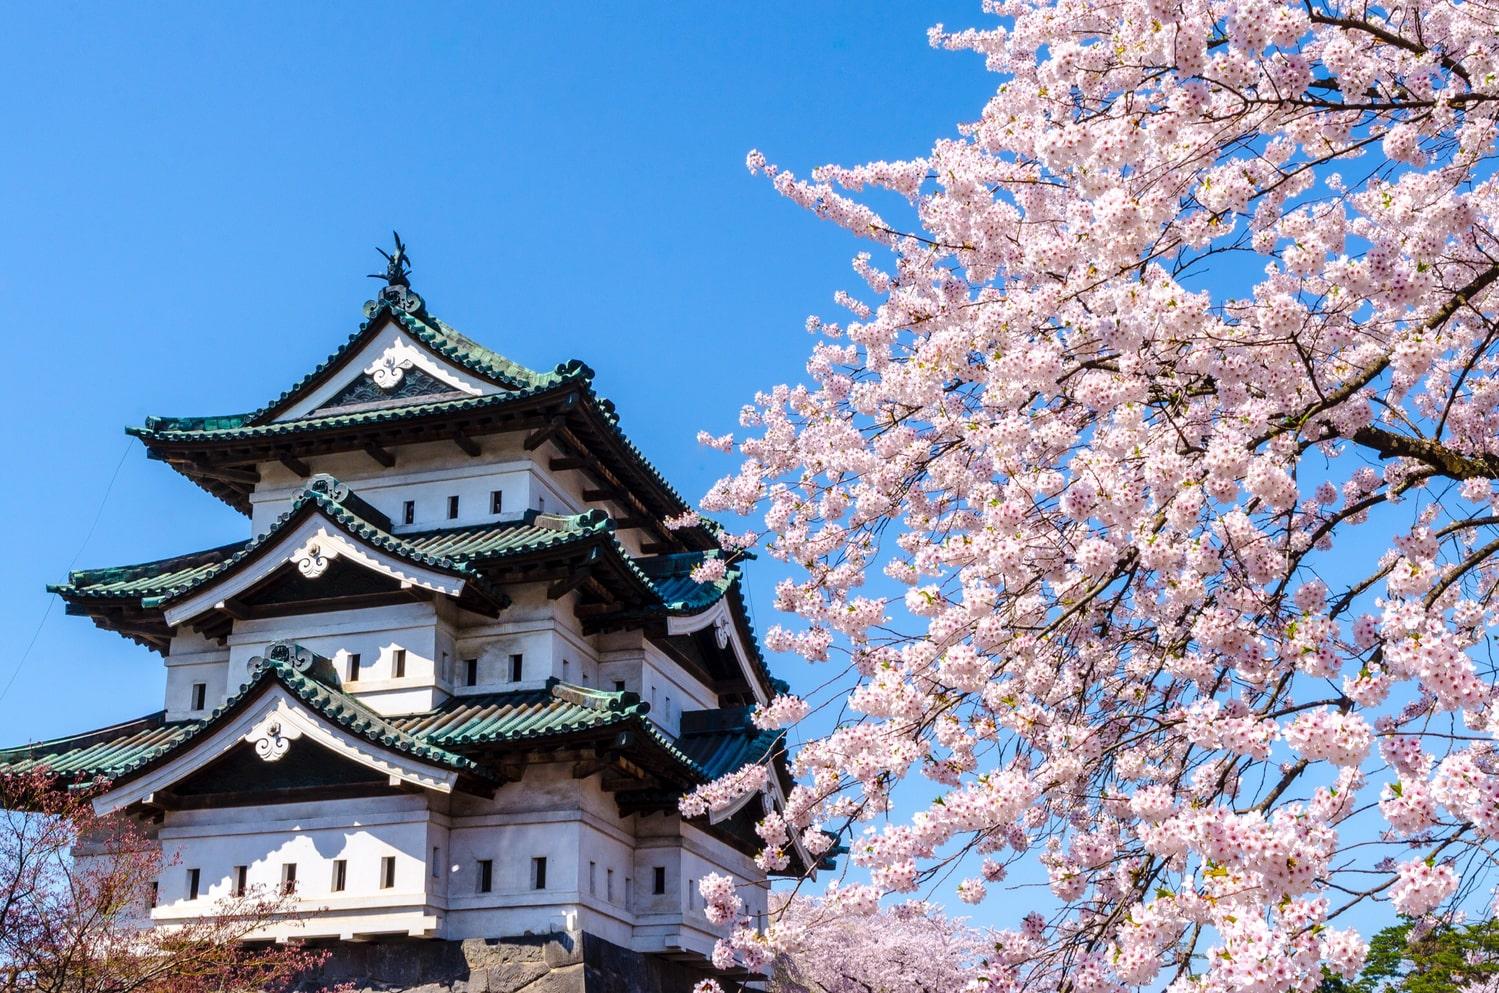 日本に現存する12の天守閣。現存する貴重なスポットを訪れよう